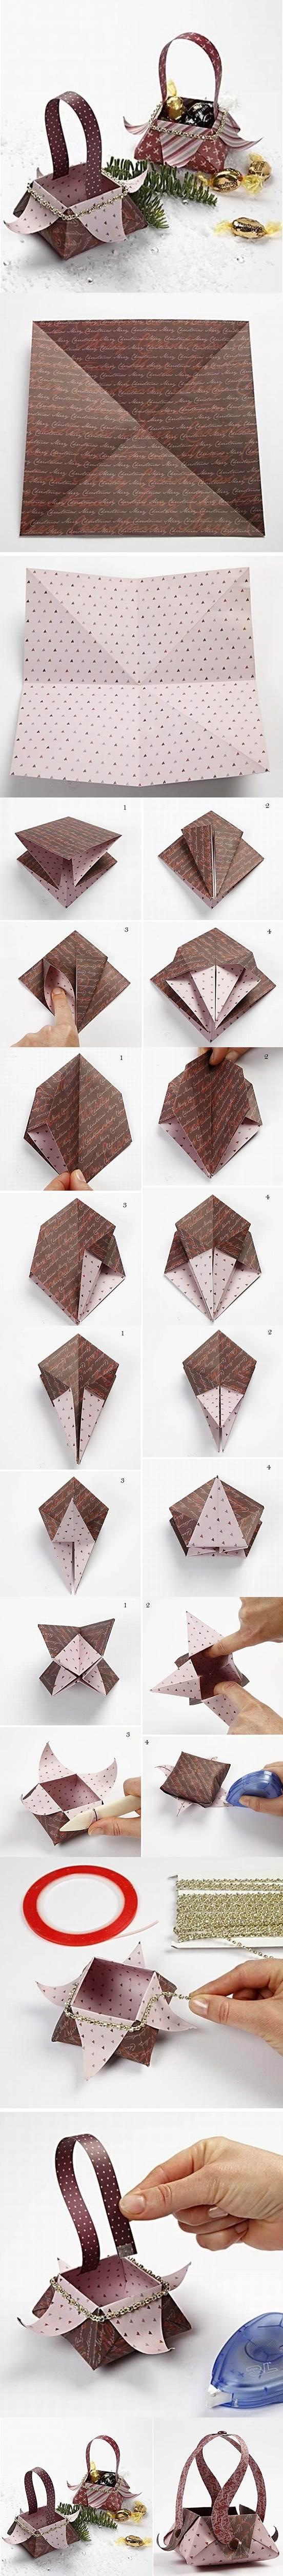 DIY Beautiful Origami Gift Basket 2